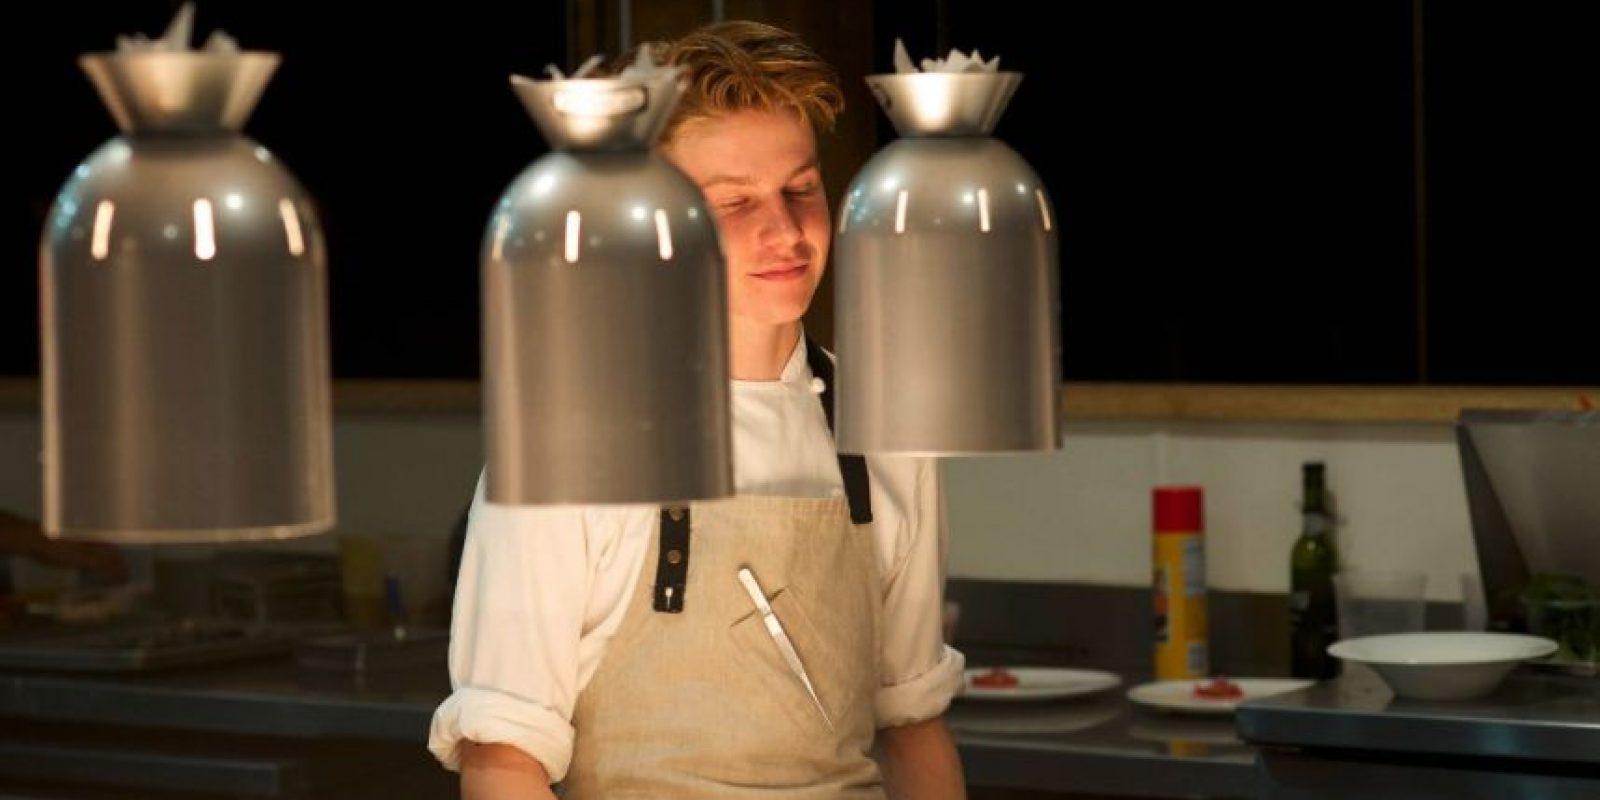 5. Flynn McGarry- Es un joven chef de 14 años. Ha aparecido en la portada del New York Times Magazine y ha aparecido en el Today Show. Foto:Vía facebook.com/fmcgarry